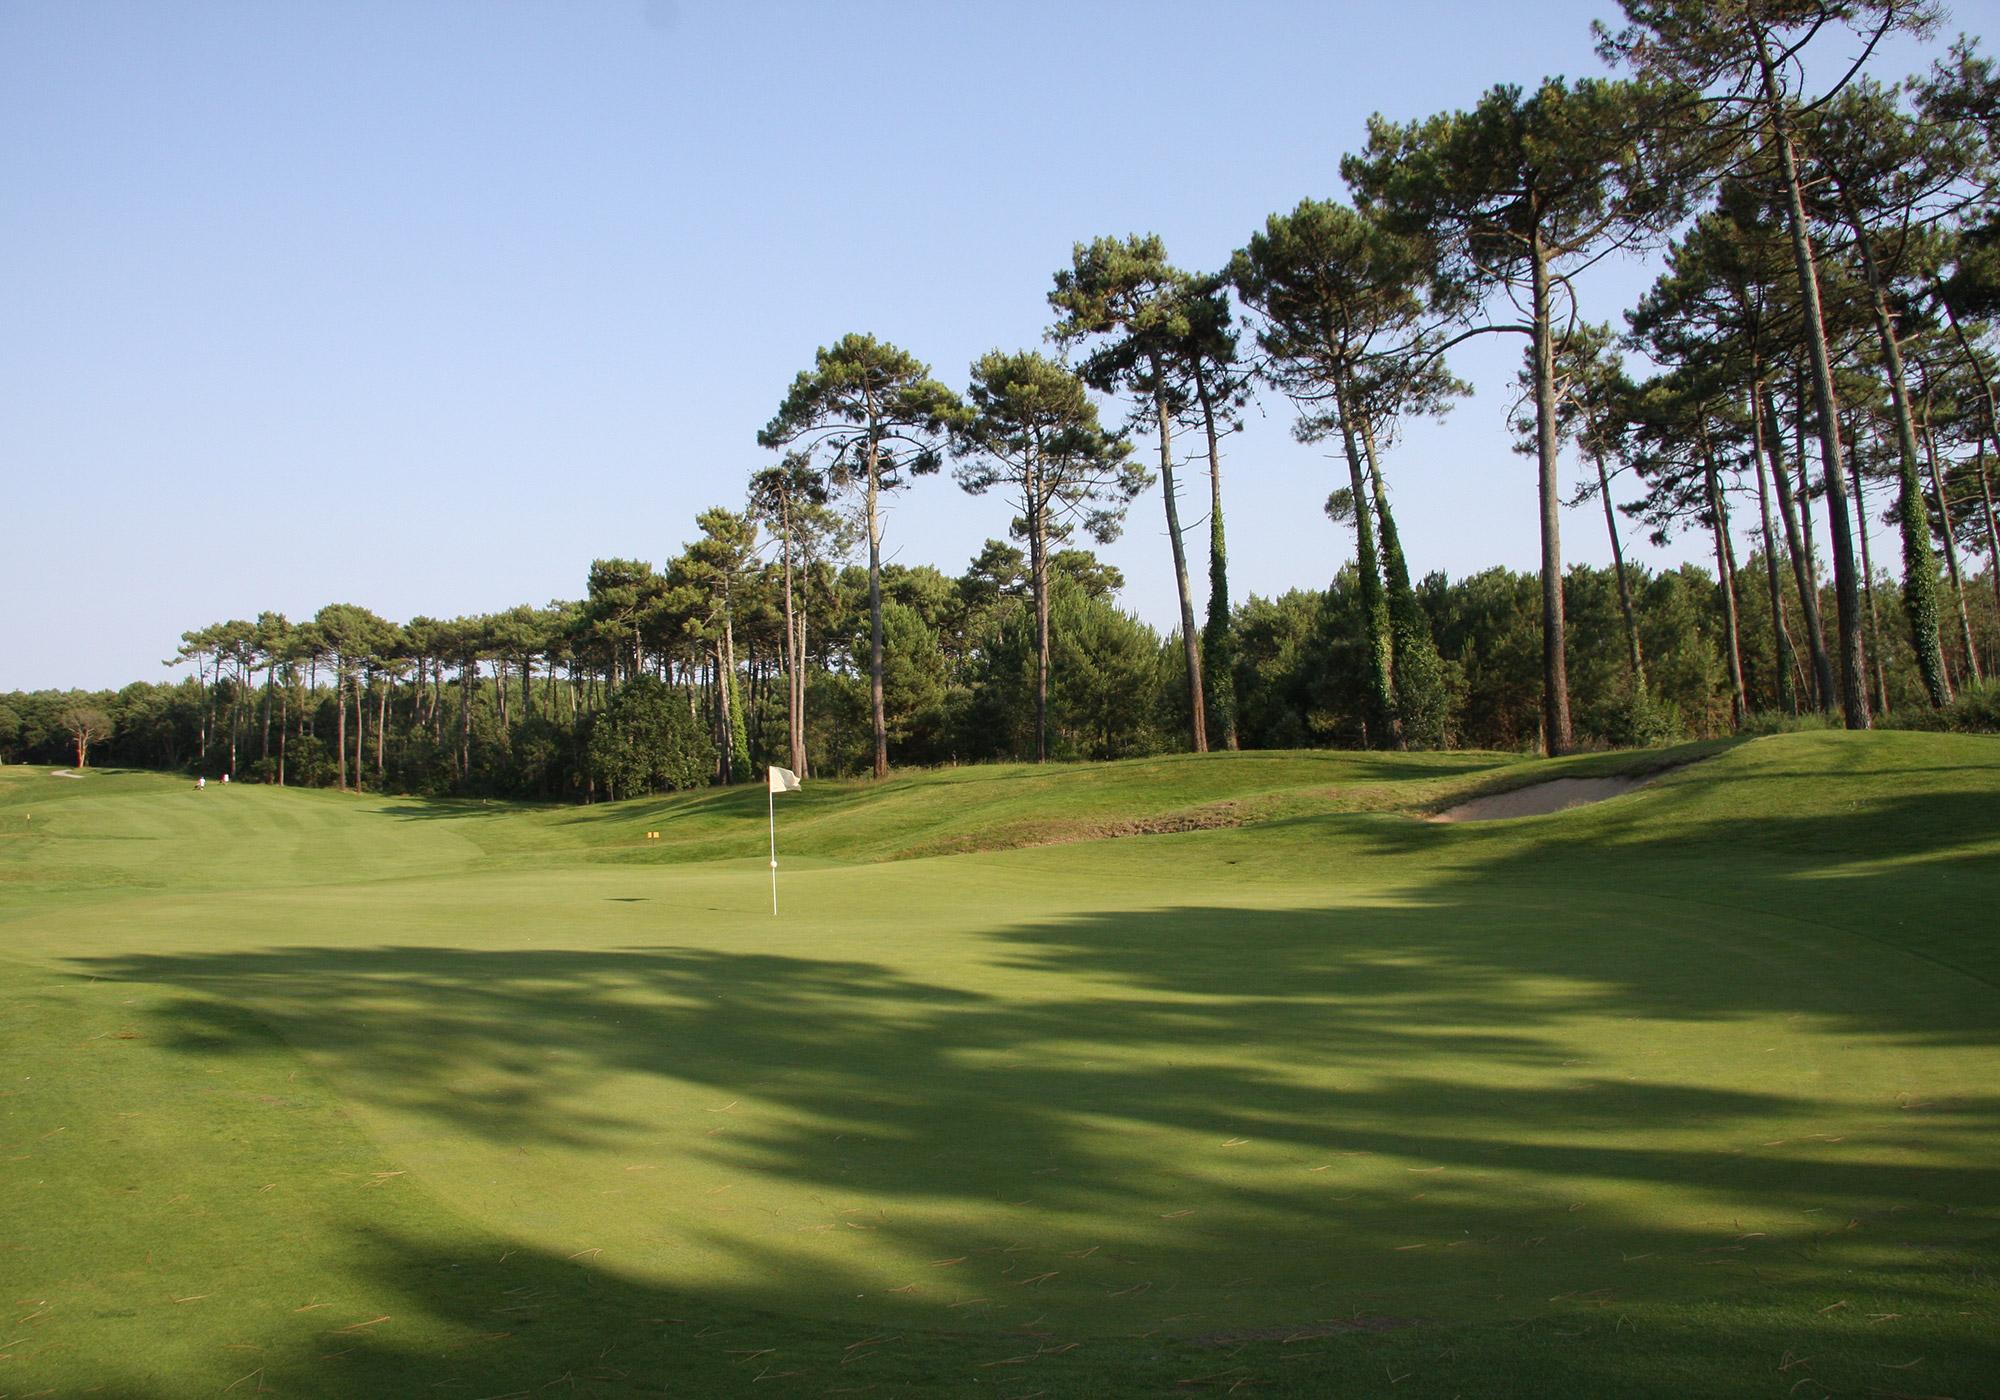 hotel boutique, offre sejour golf landes moliets